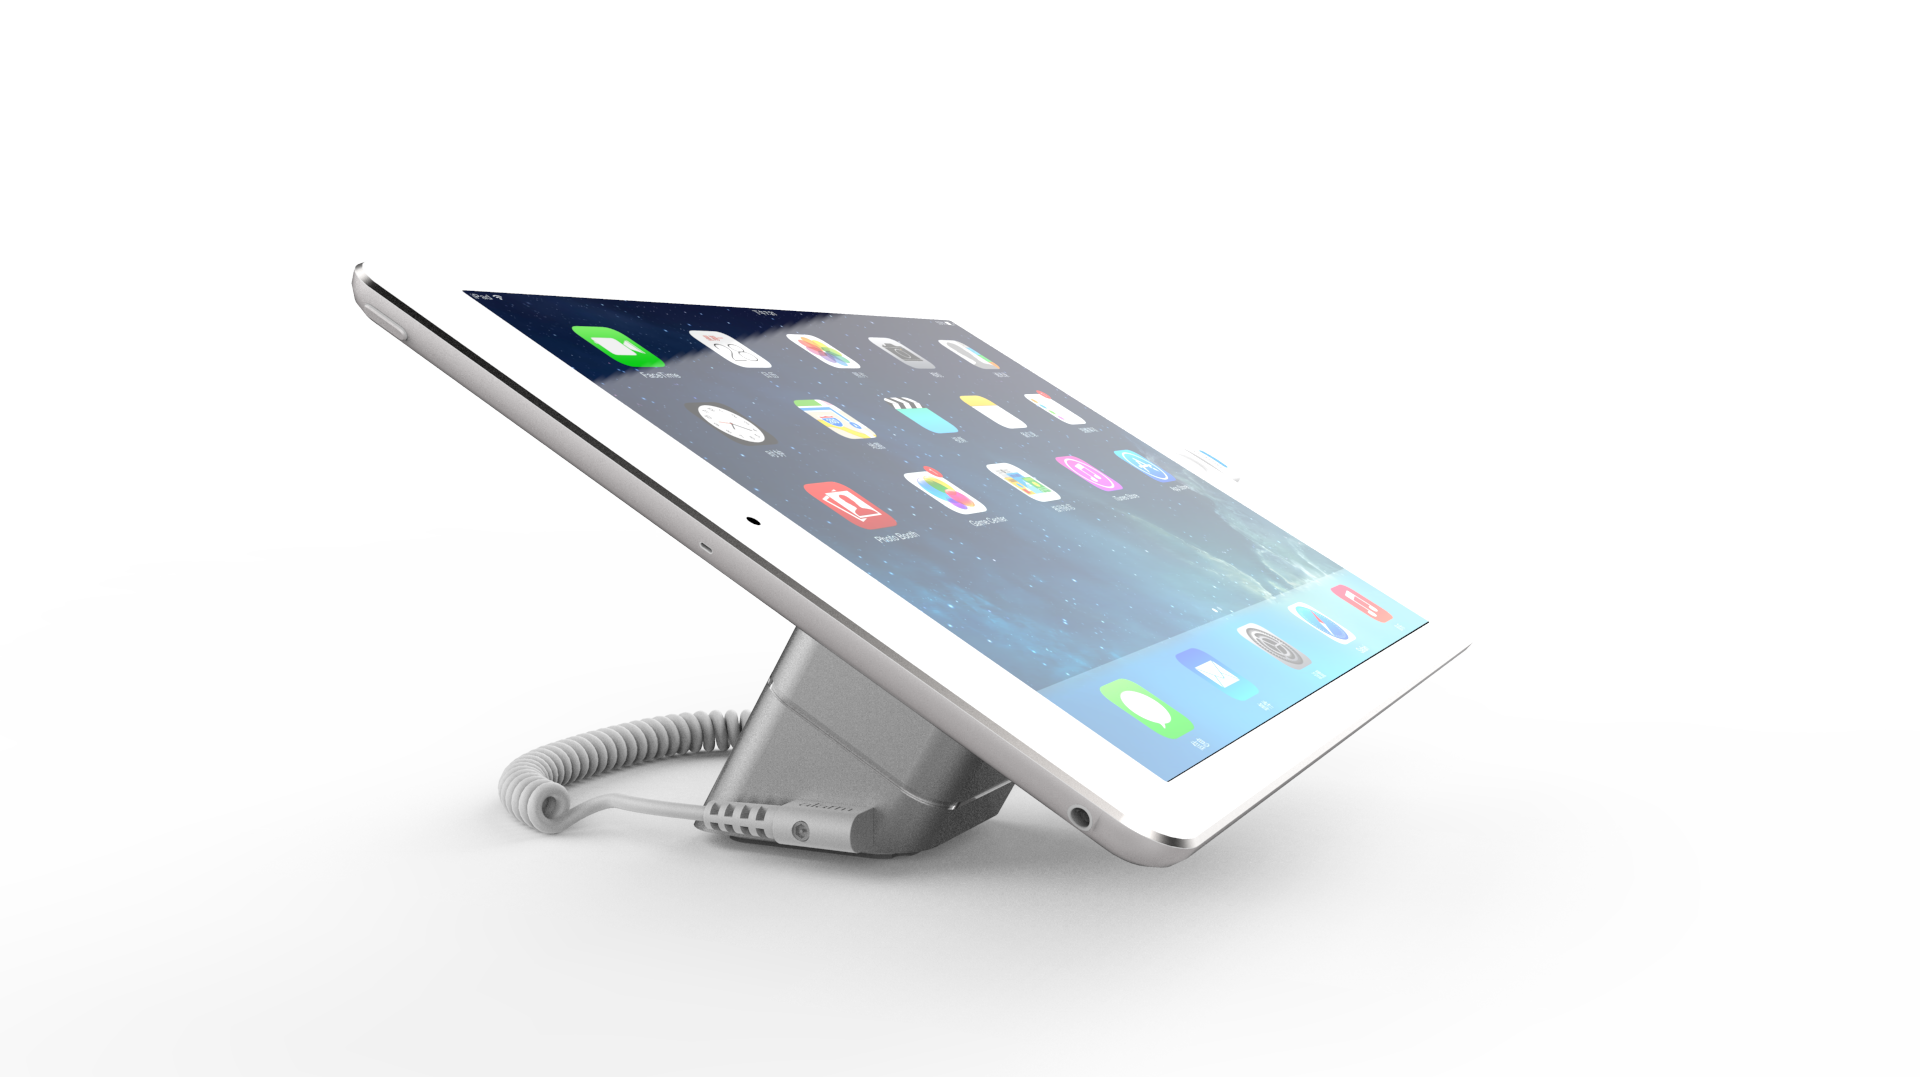 タブレット盗難防止展示台 MAX715(iPad等)